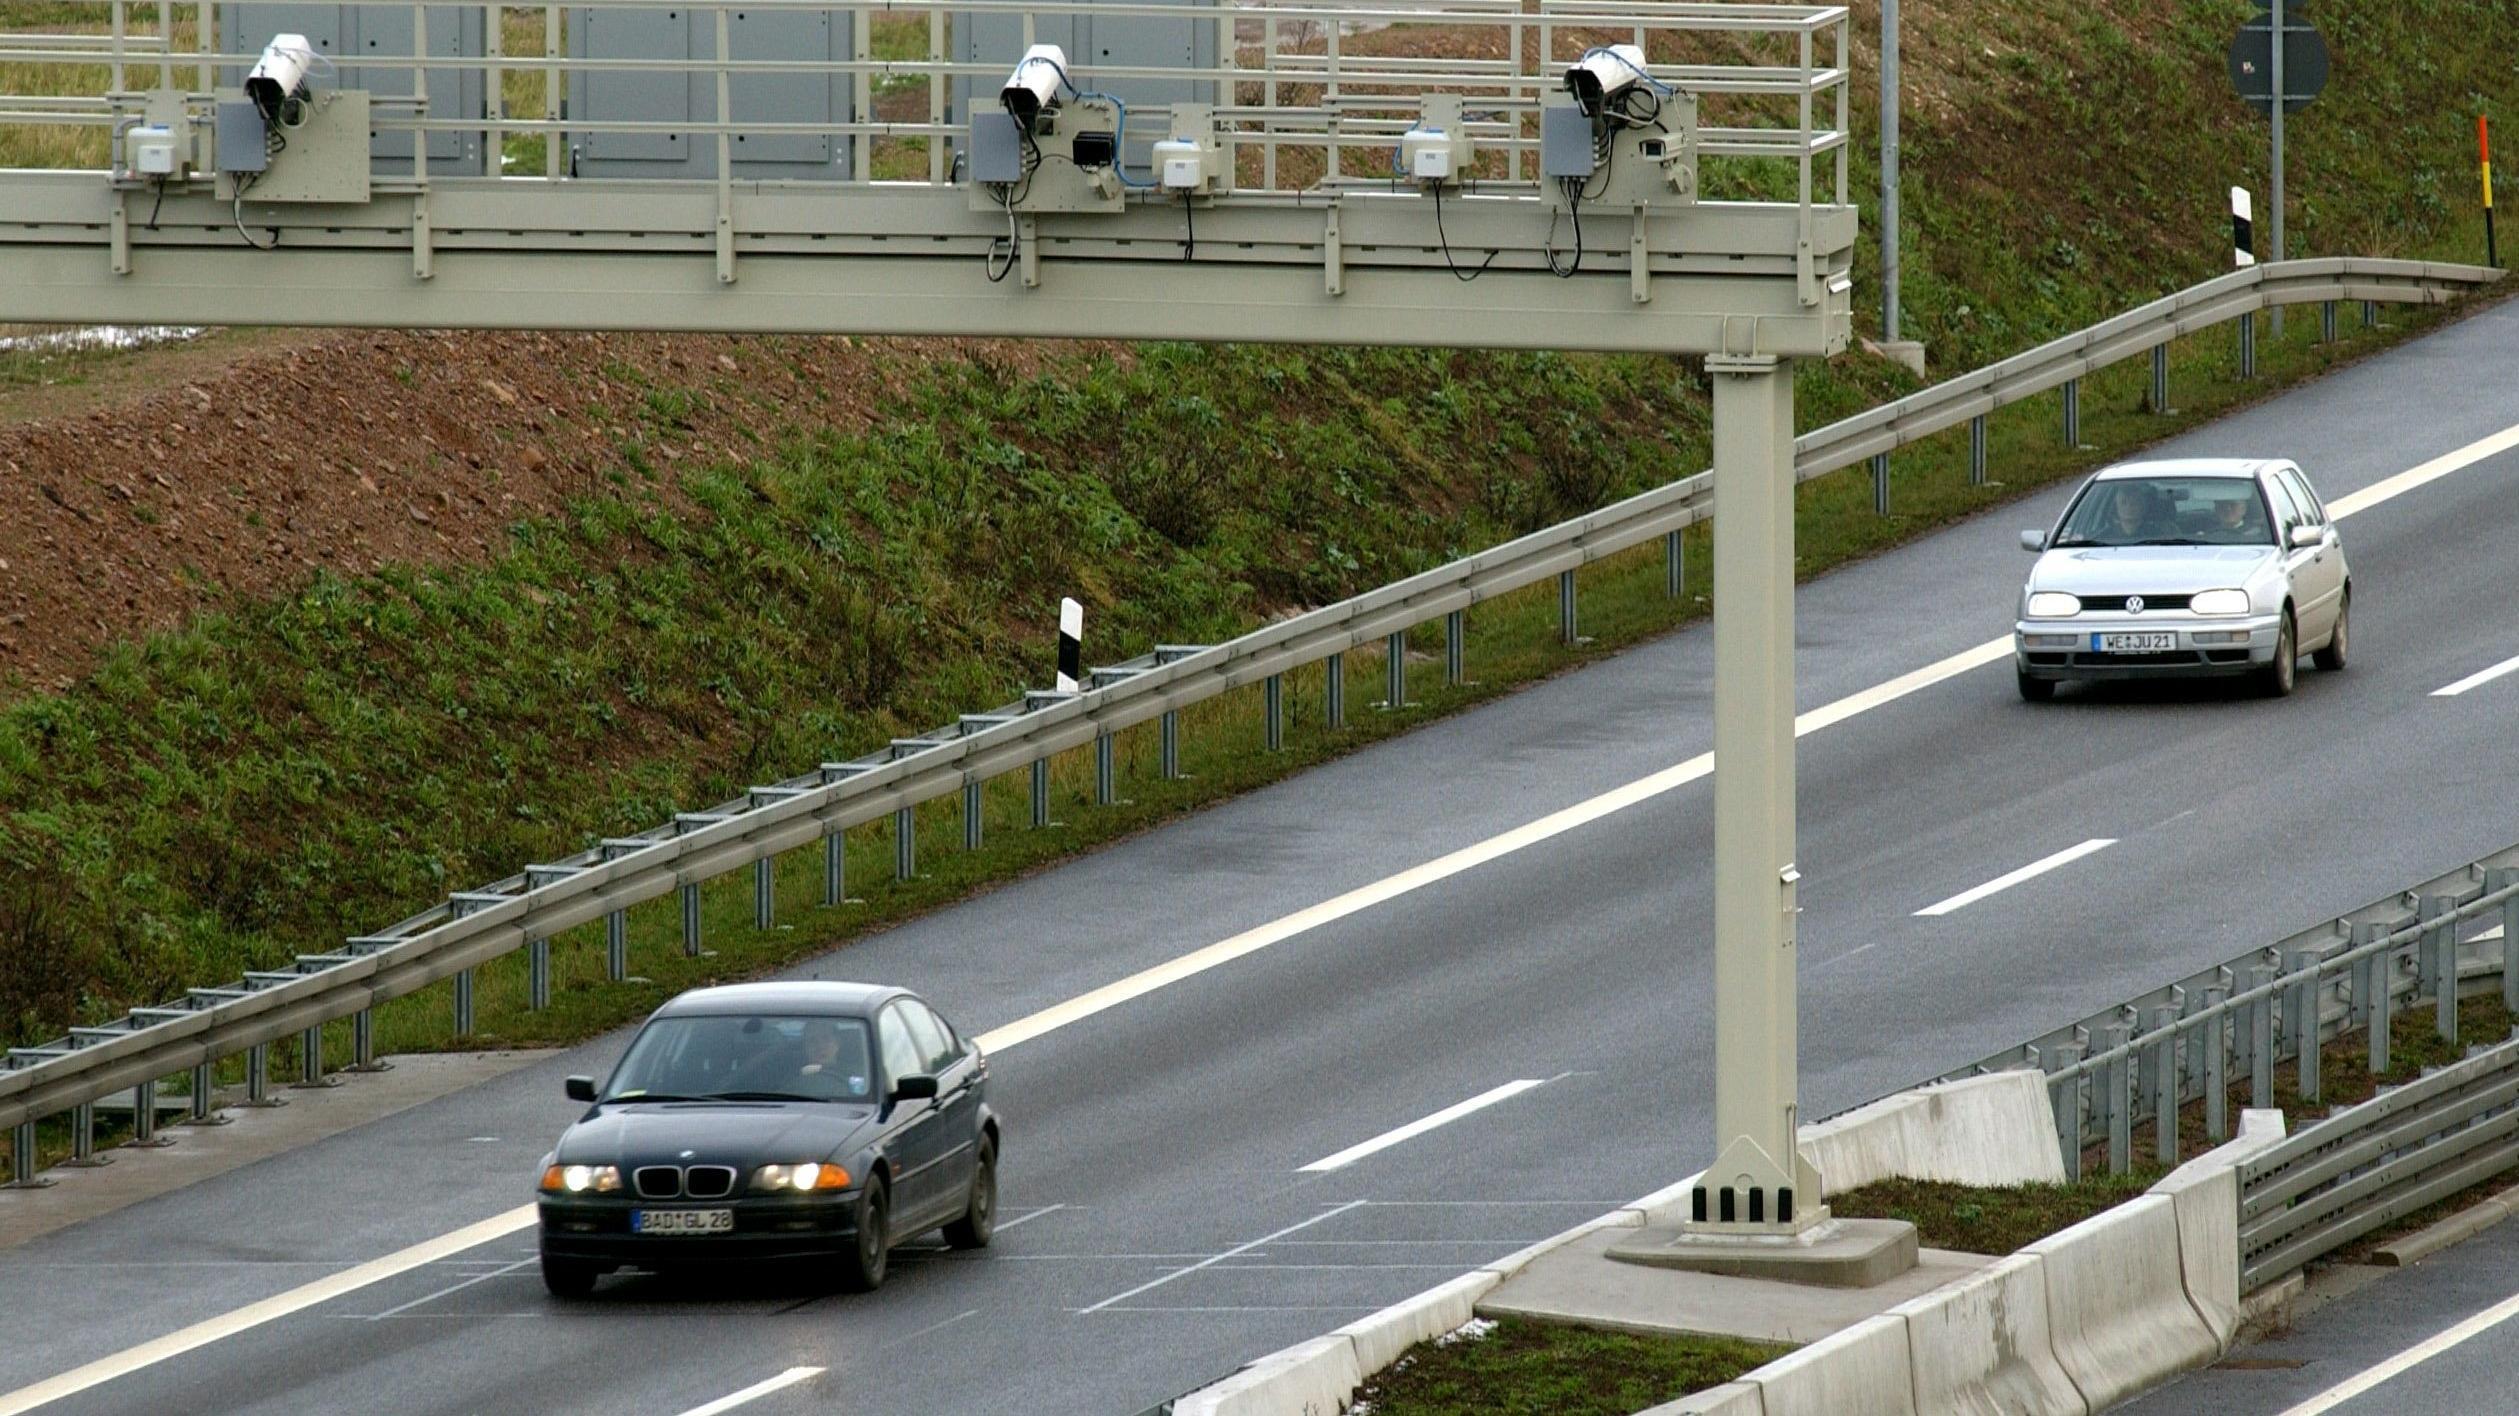 Videoüberwachung auf der Autobahn